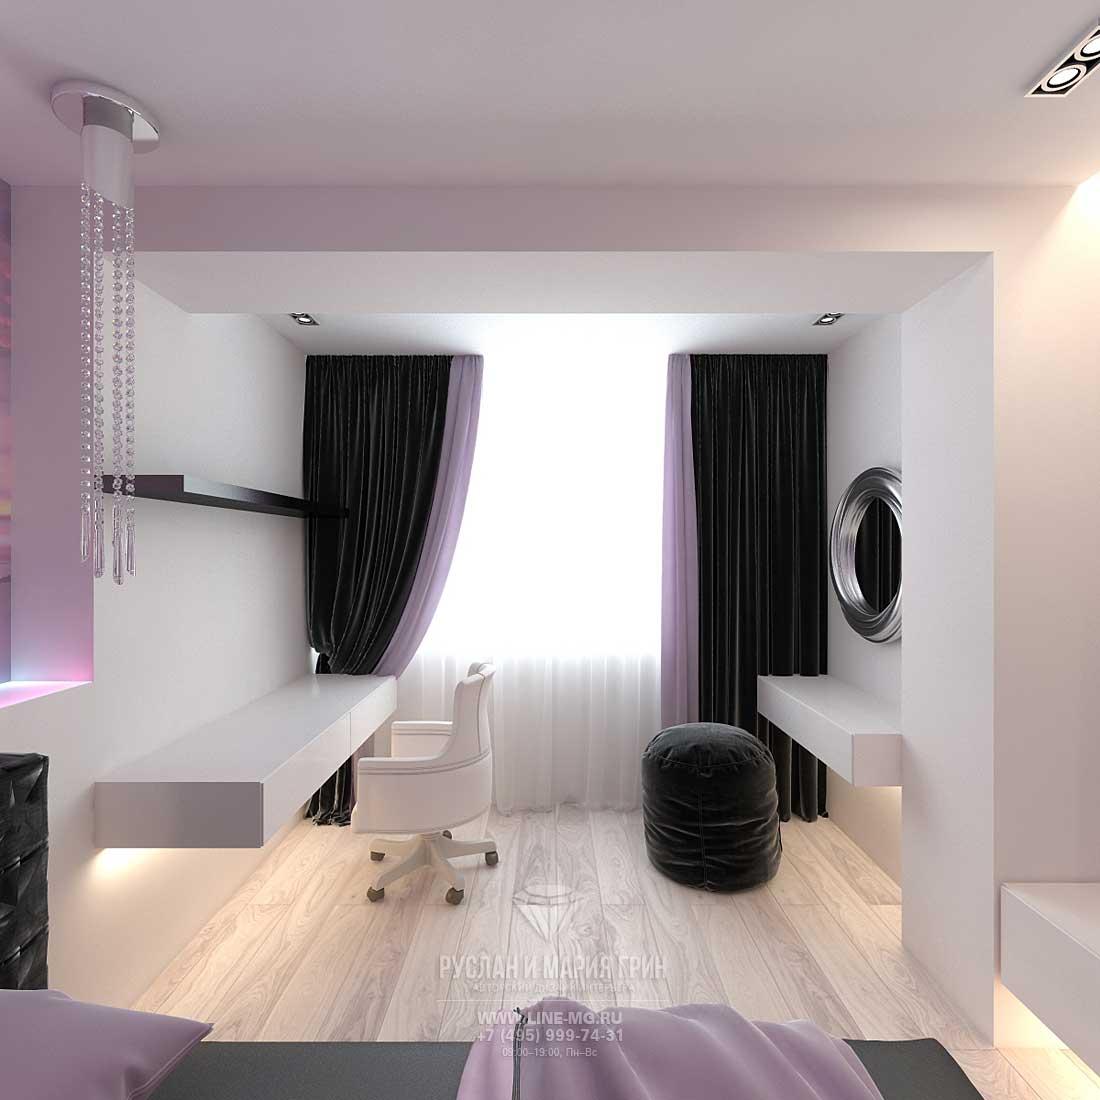 Дизайн красивой квартиры. Фото интерьера спальни с кабинетом